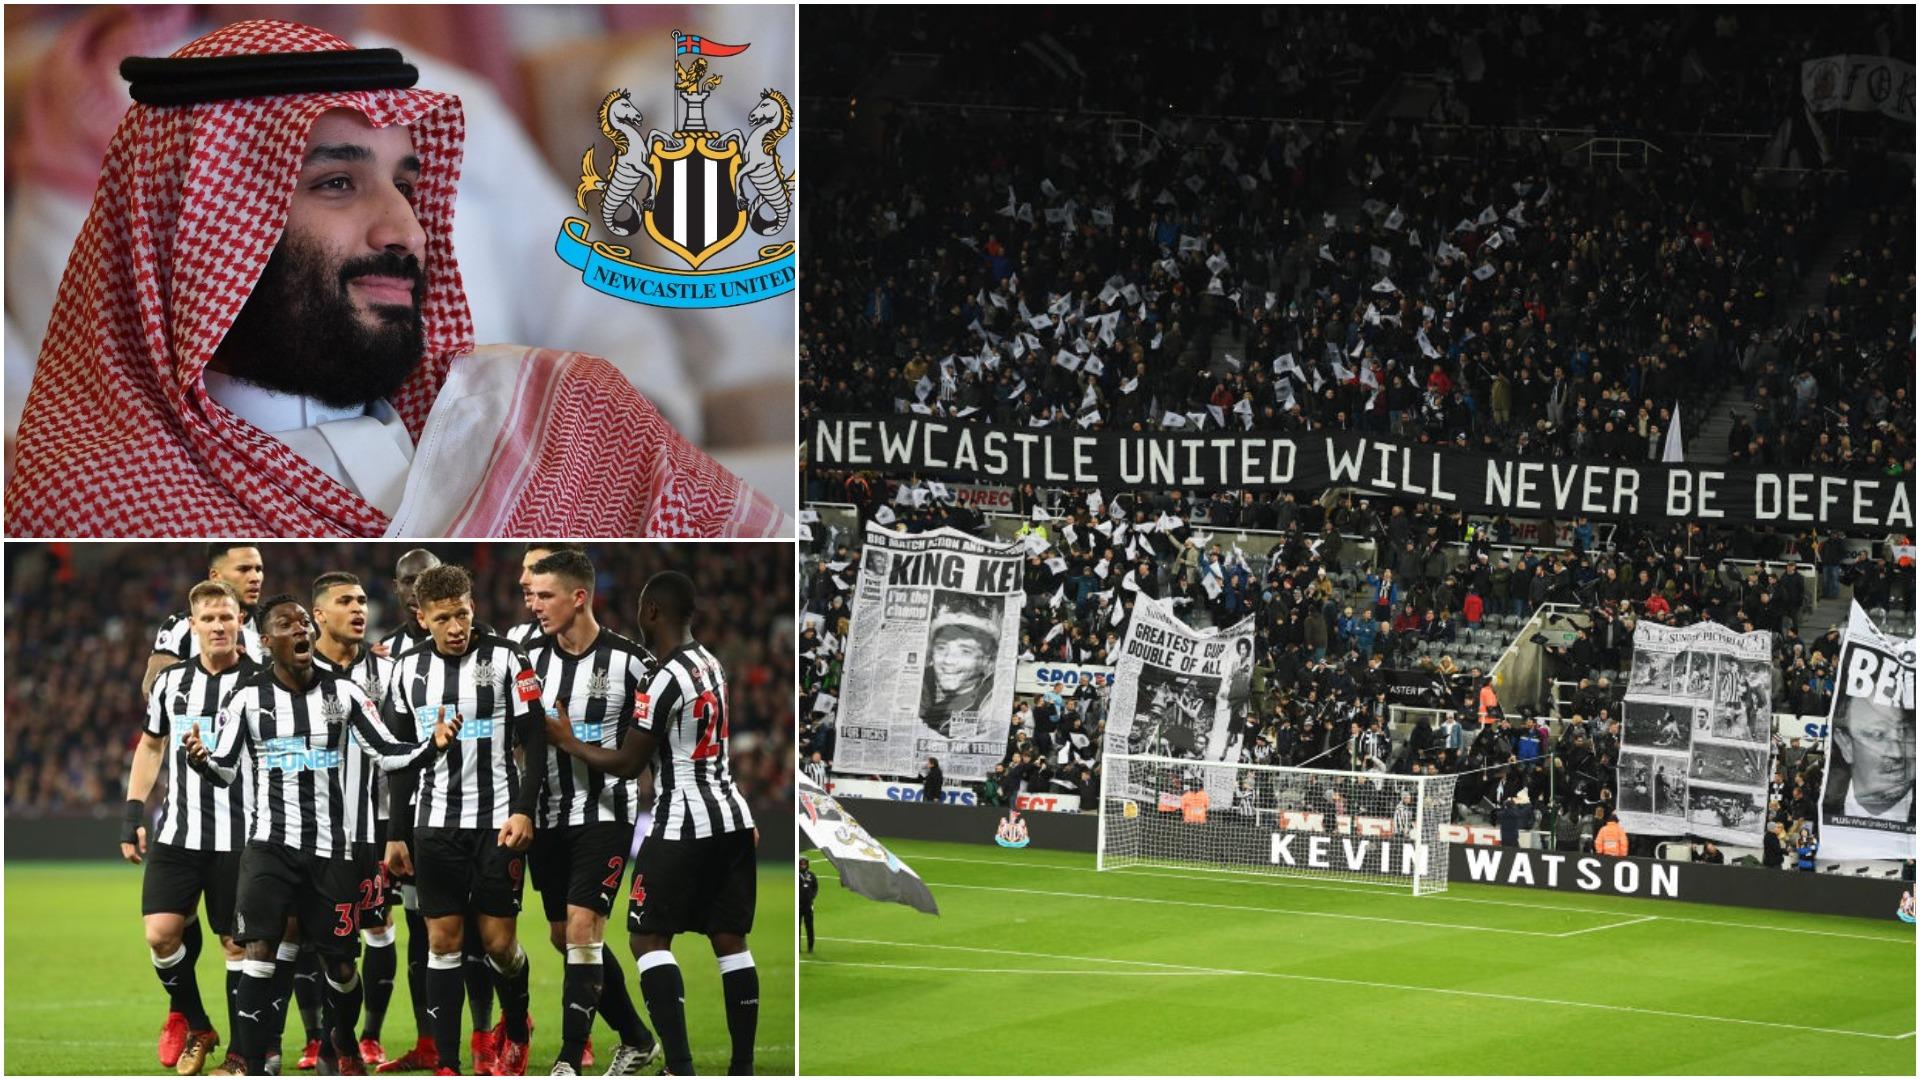 Lëvizje e papritur në Premier League, nuk ka miliona për Newcastle!